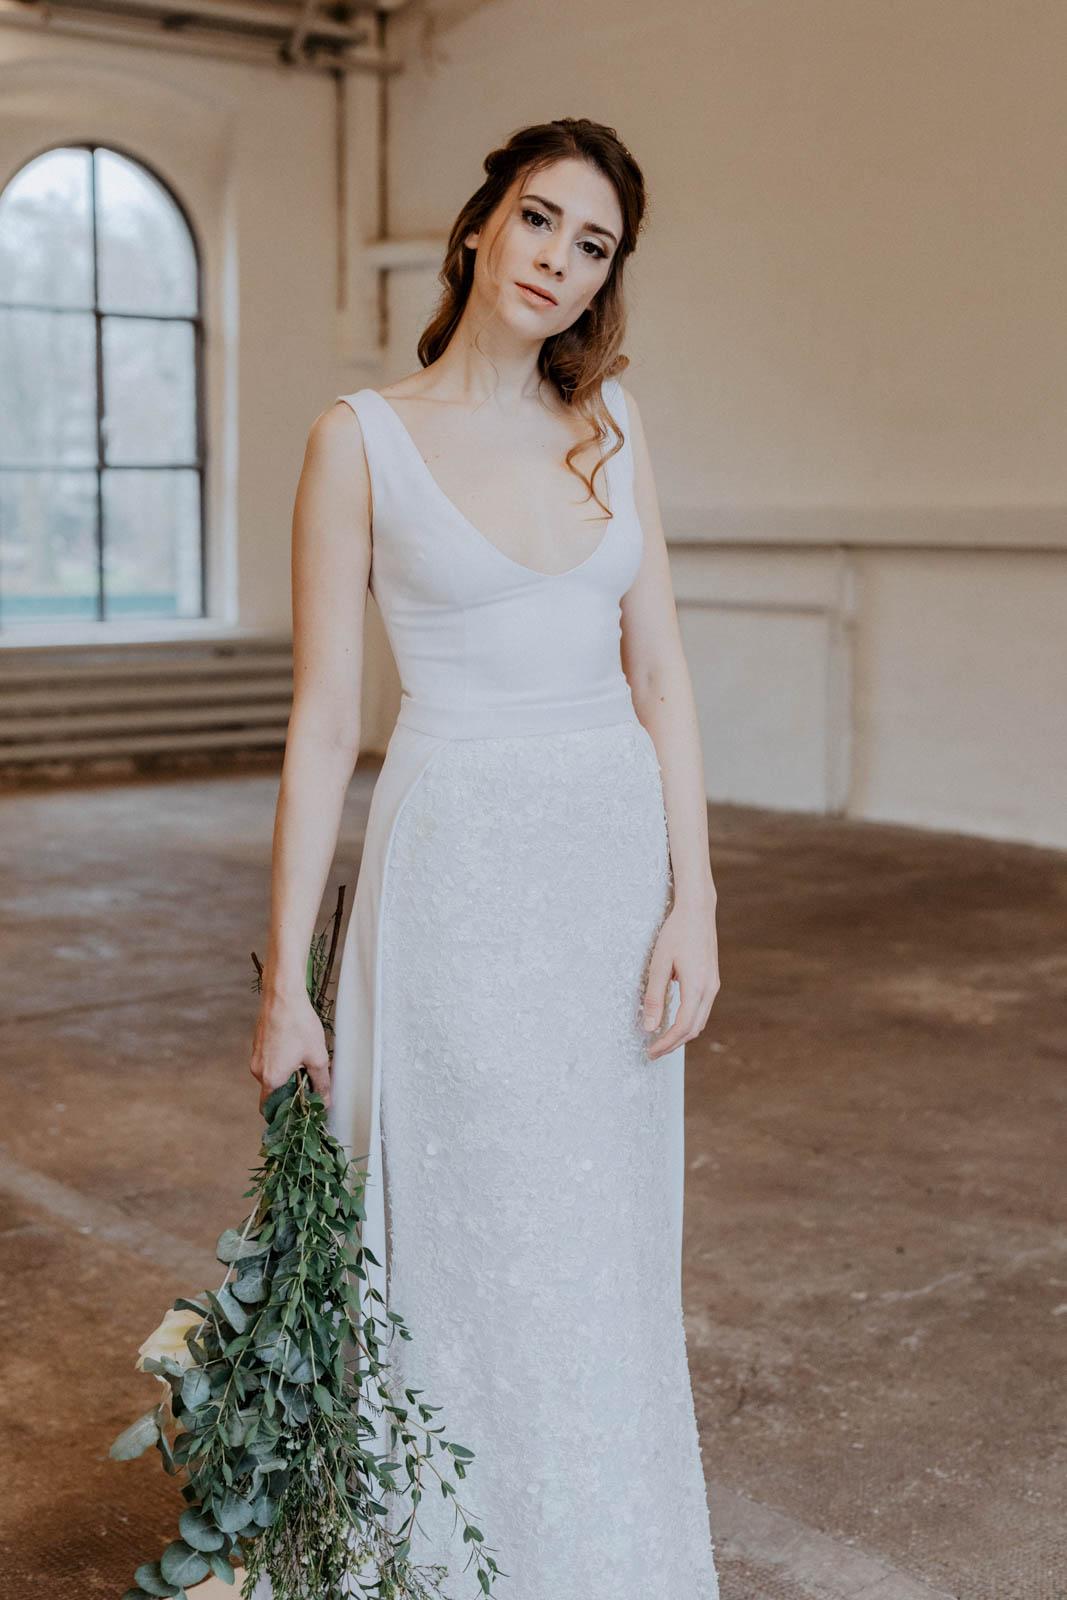 Brautkleid mit filigranen Spitzendetails – gesehen bei frauimmer-herrewig.de